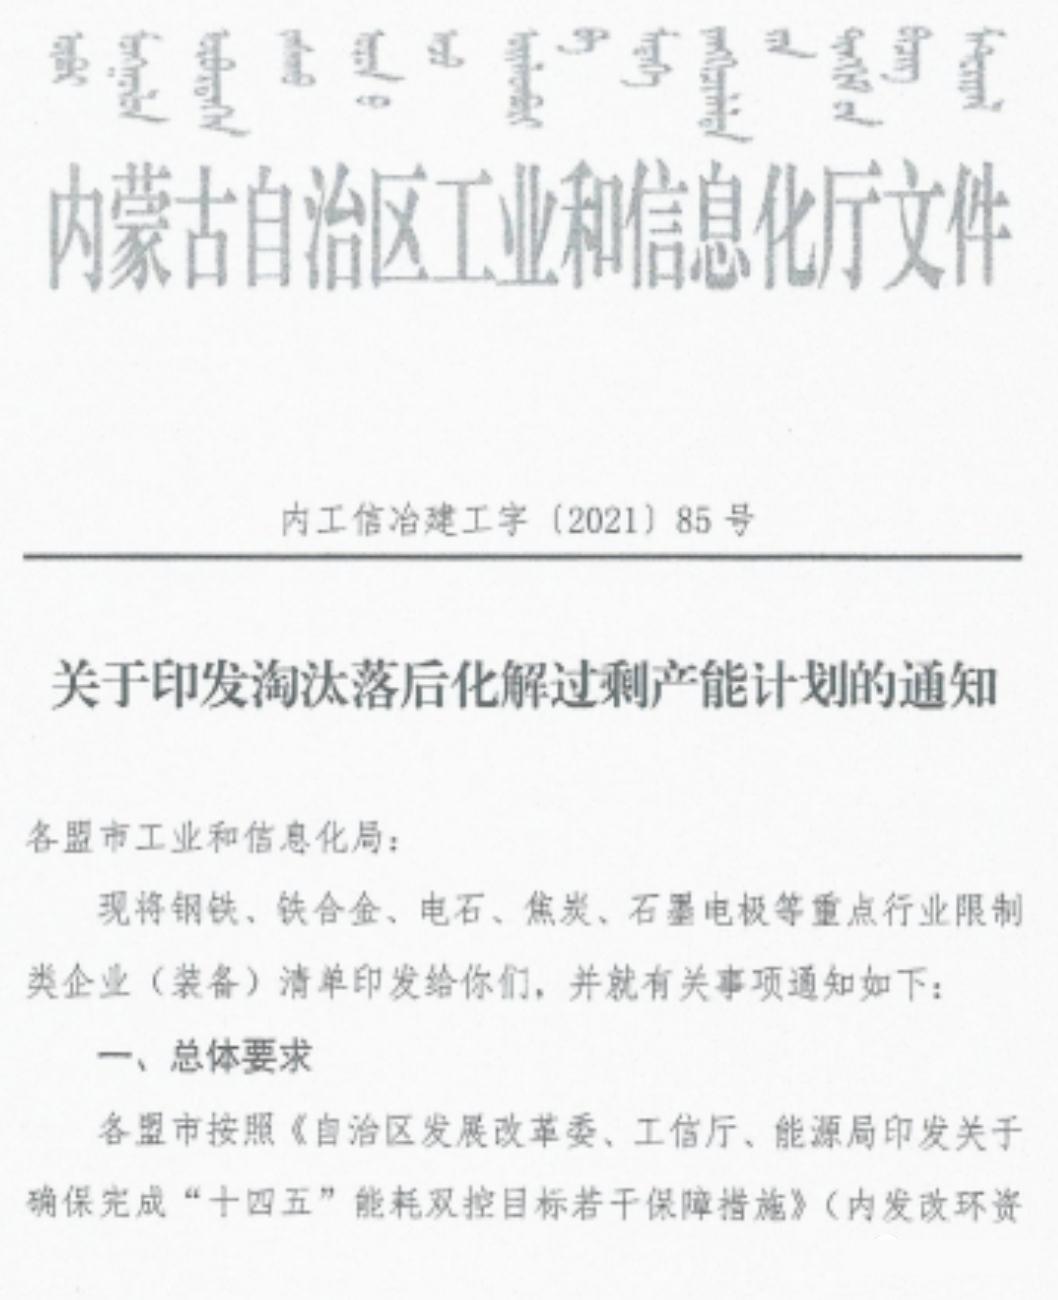 内蒙古重磅通知:9家钢企3年内退出11座高炉、12台转炉